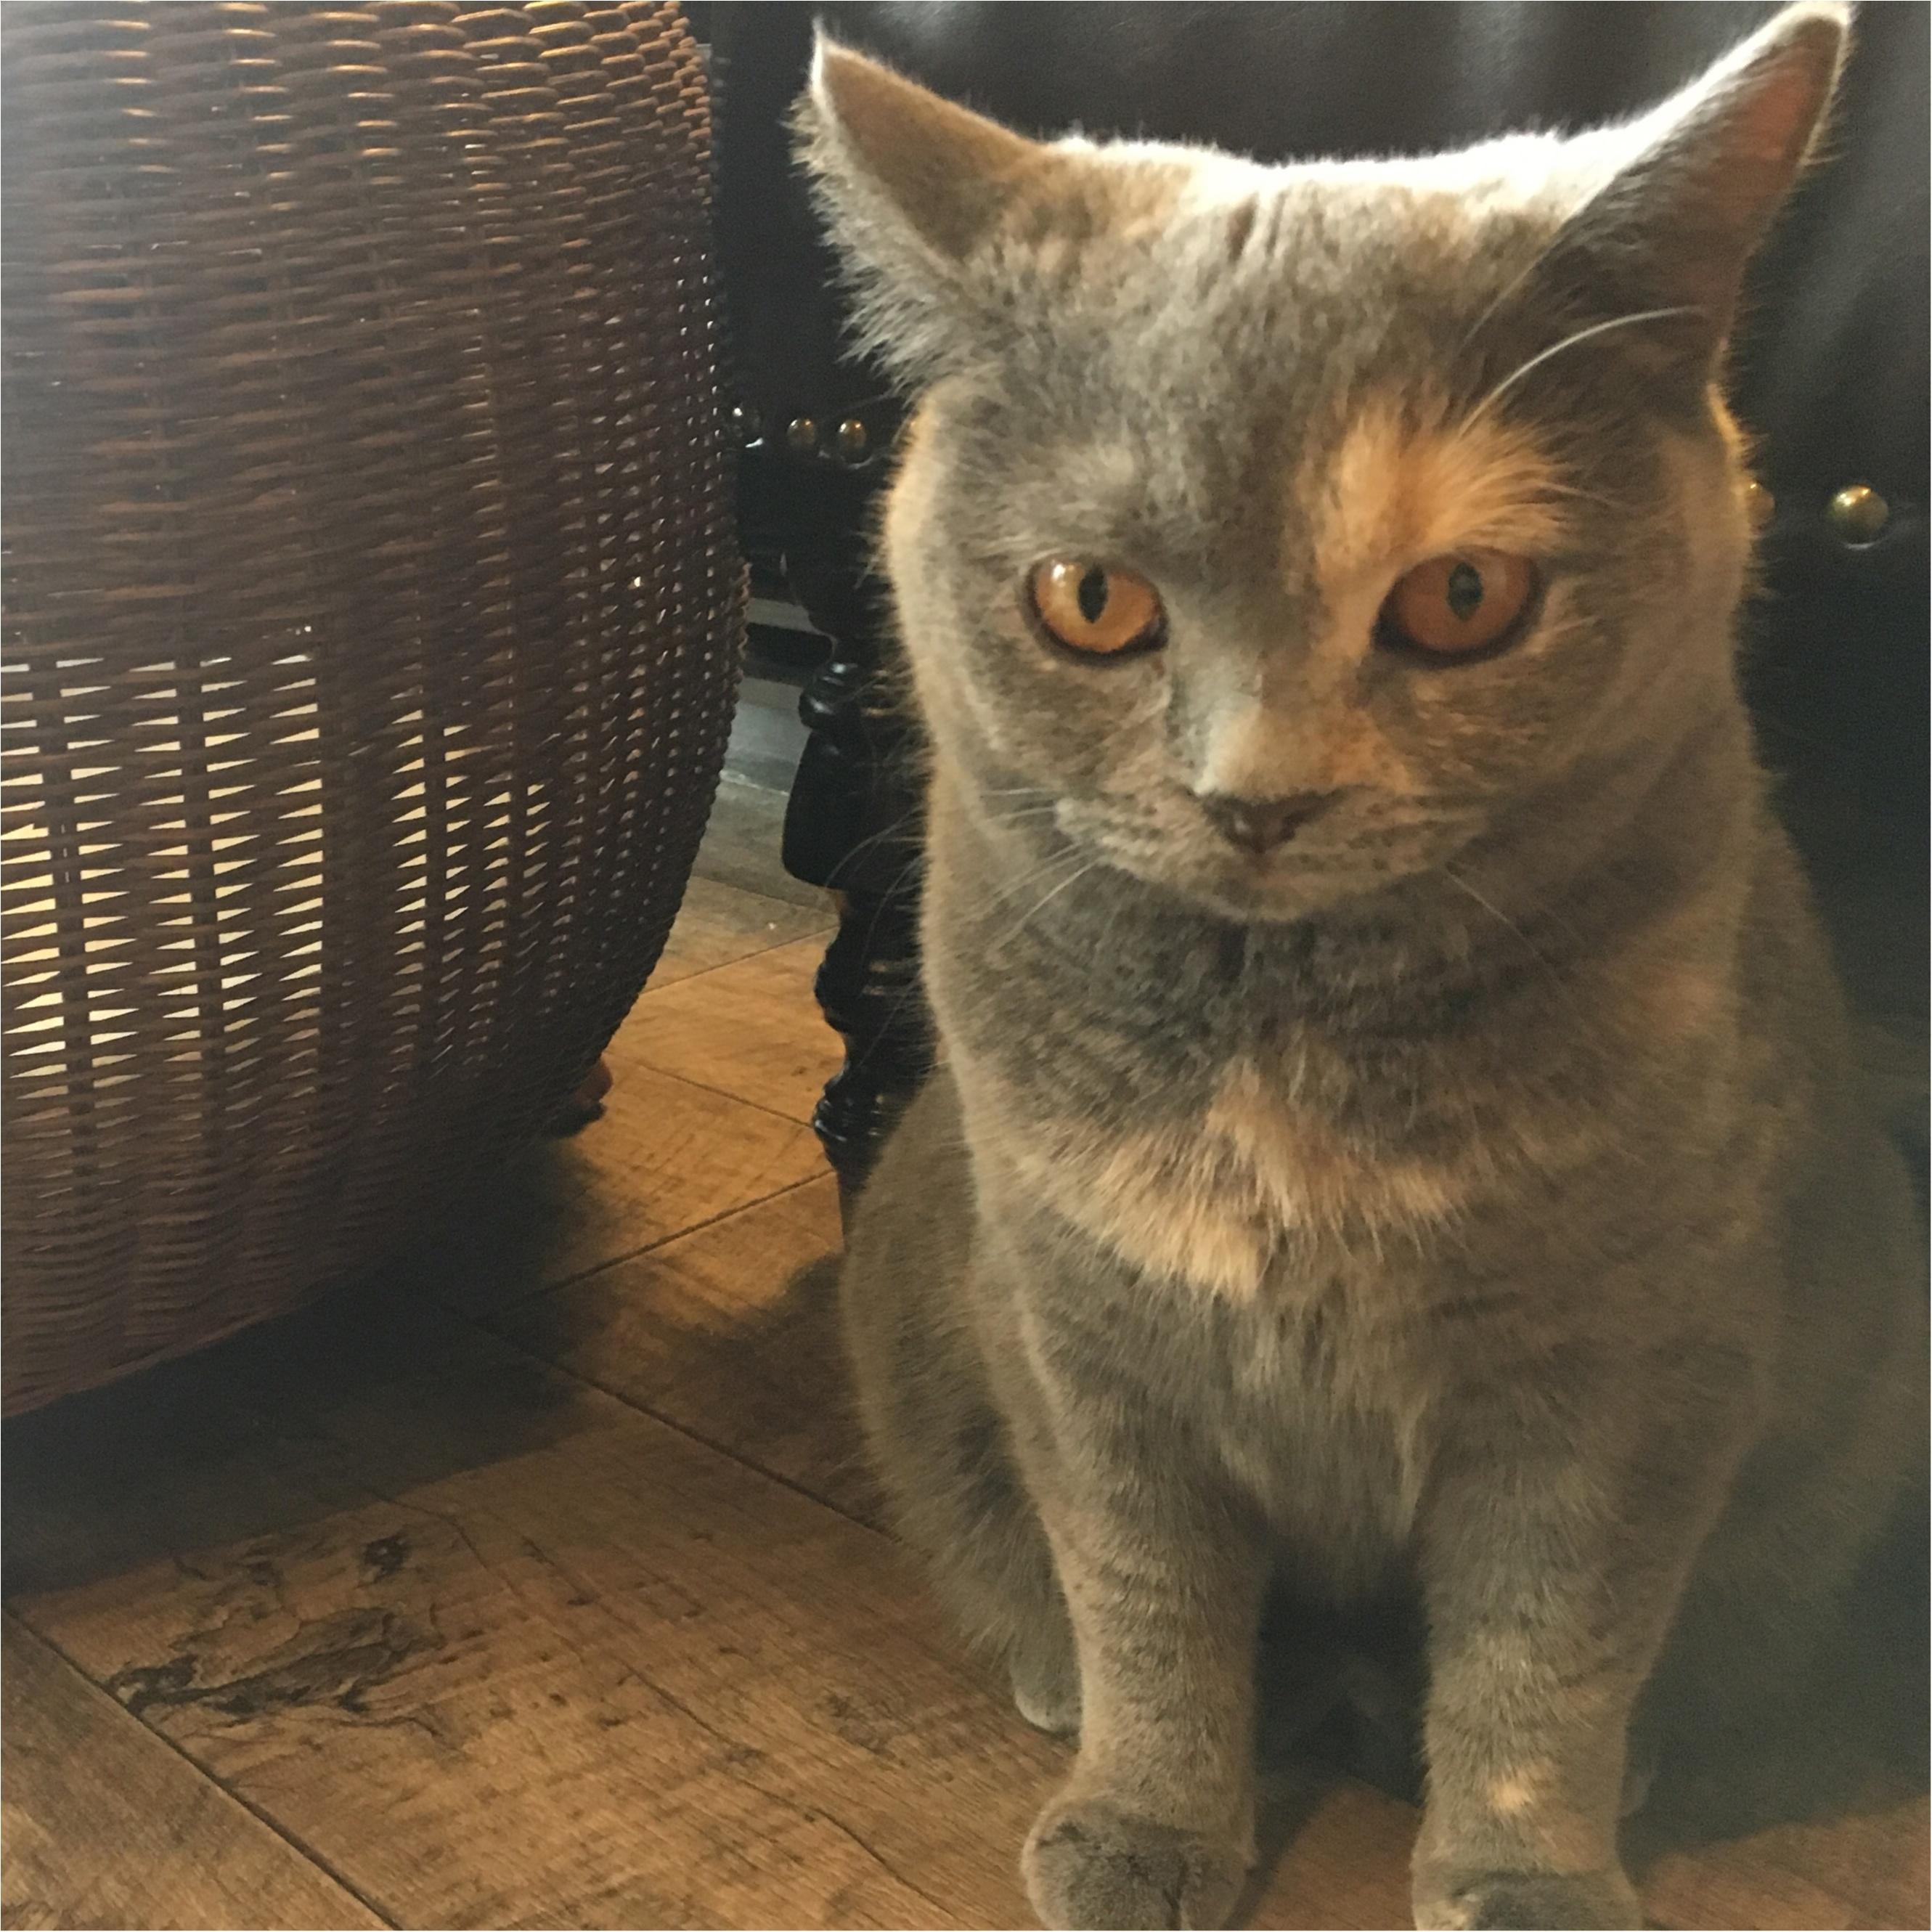 【猫カフェ】渋谷で癒しの猫カフェ♡今ならカワイイ子猫にも会えちゃう♪_15